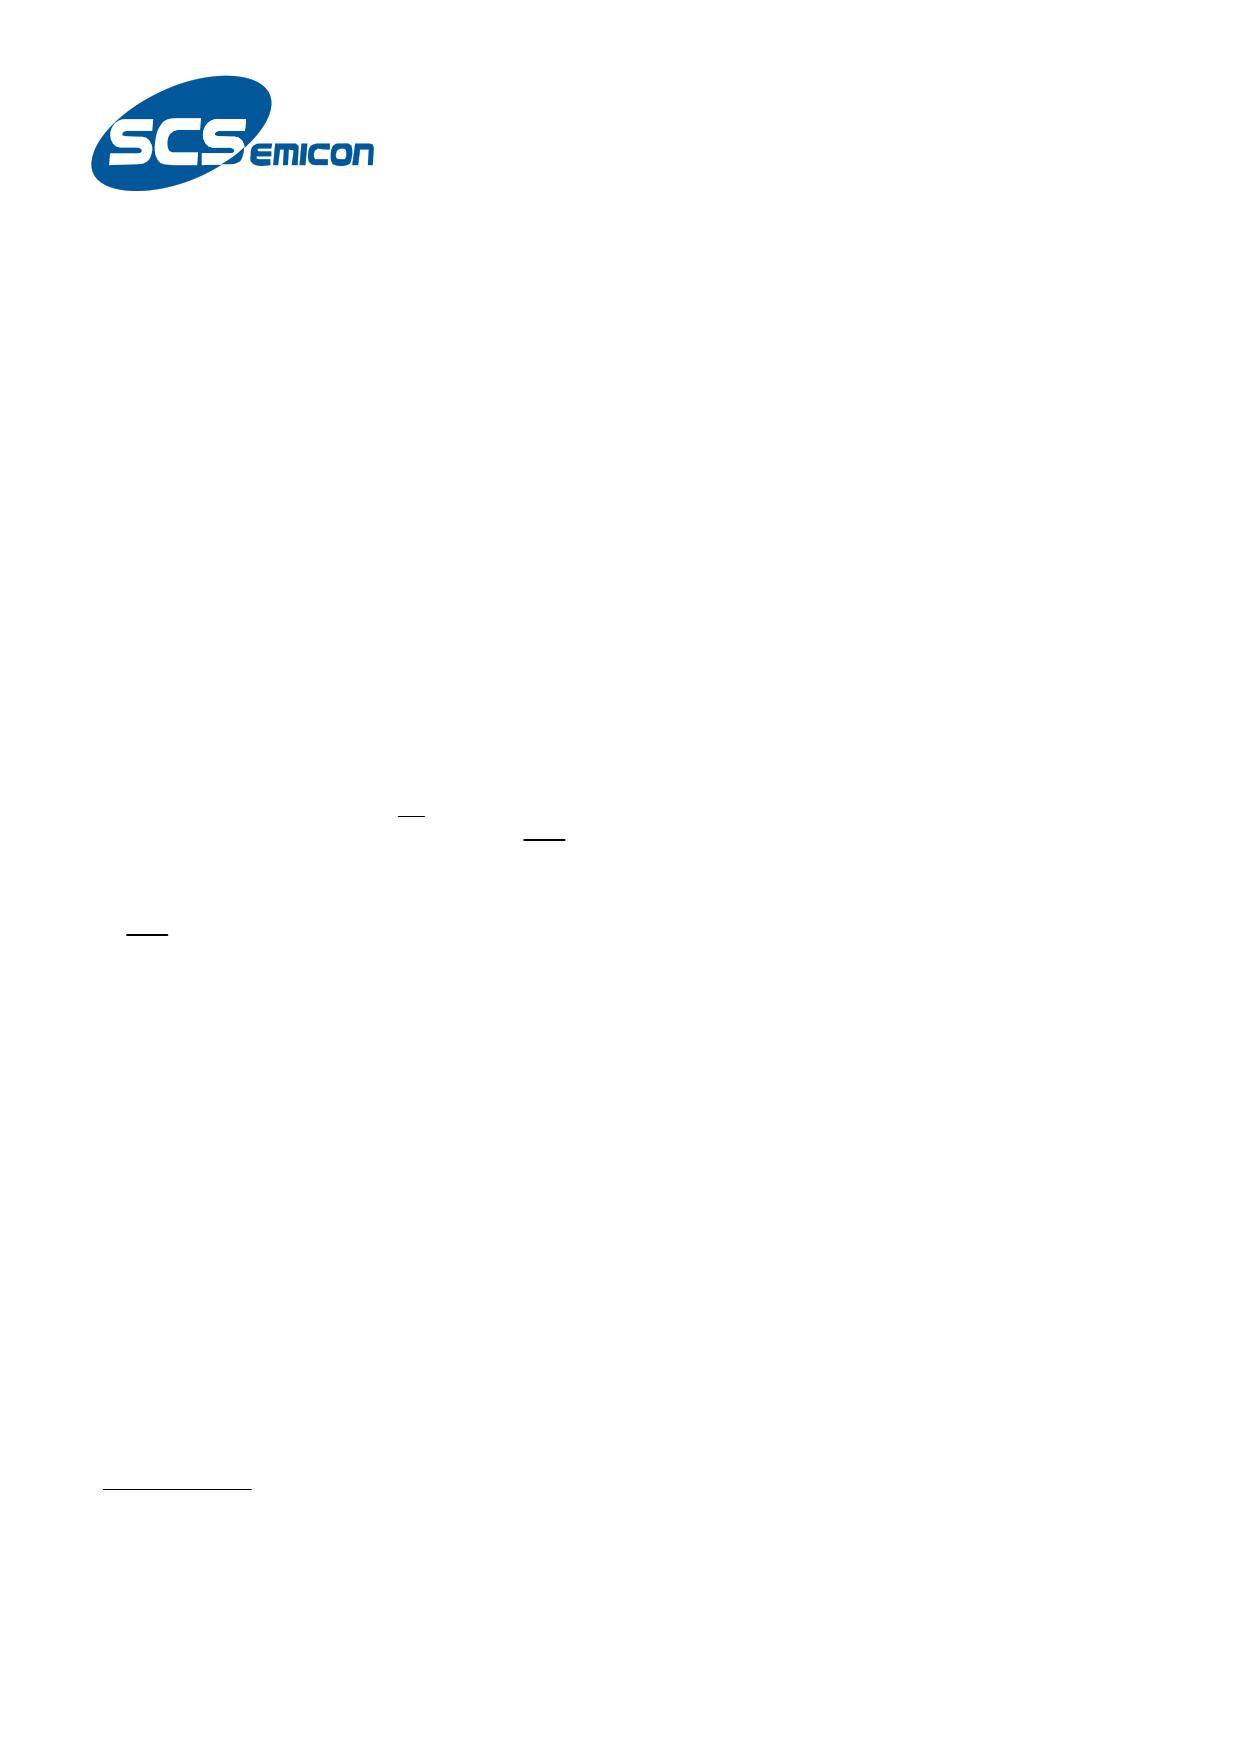 HXB15H1G800CF pdf, ピン配列